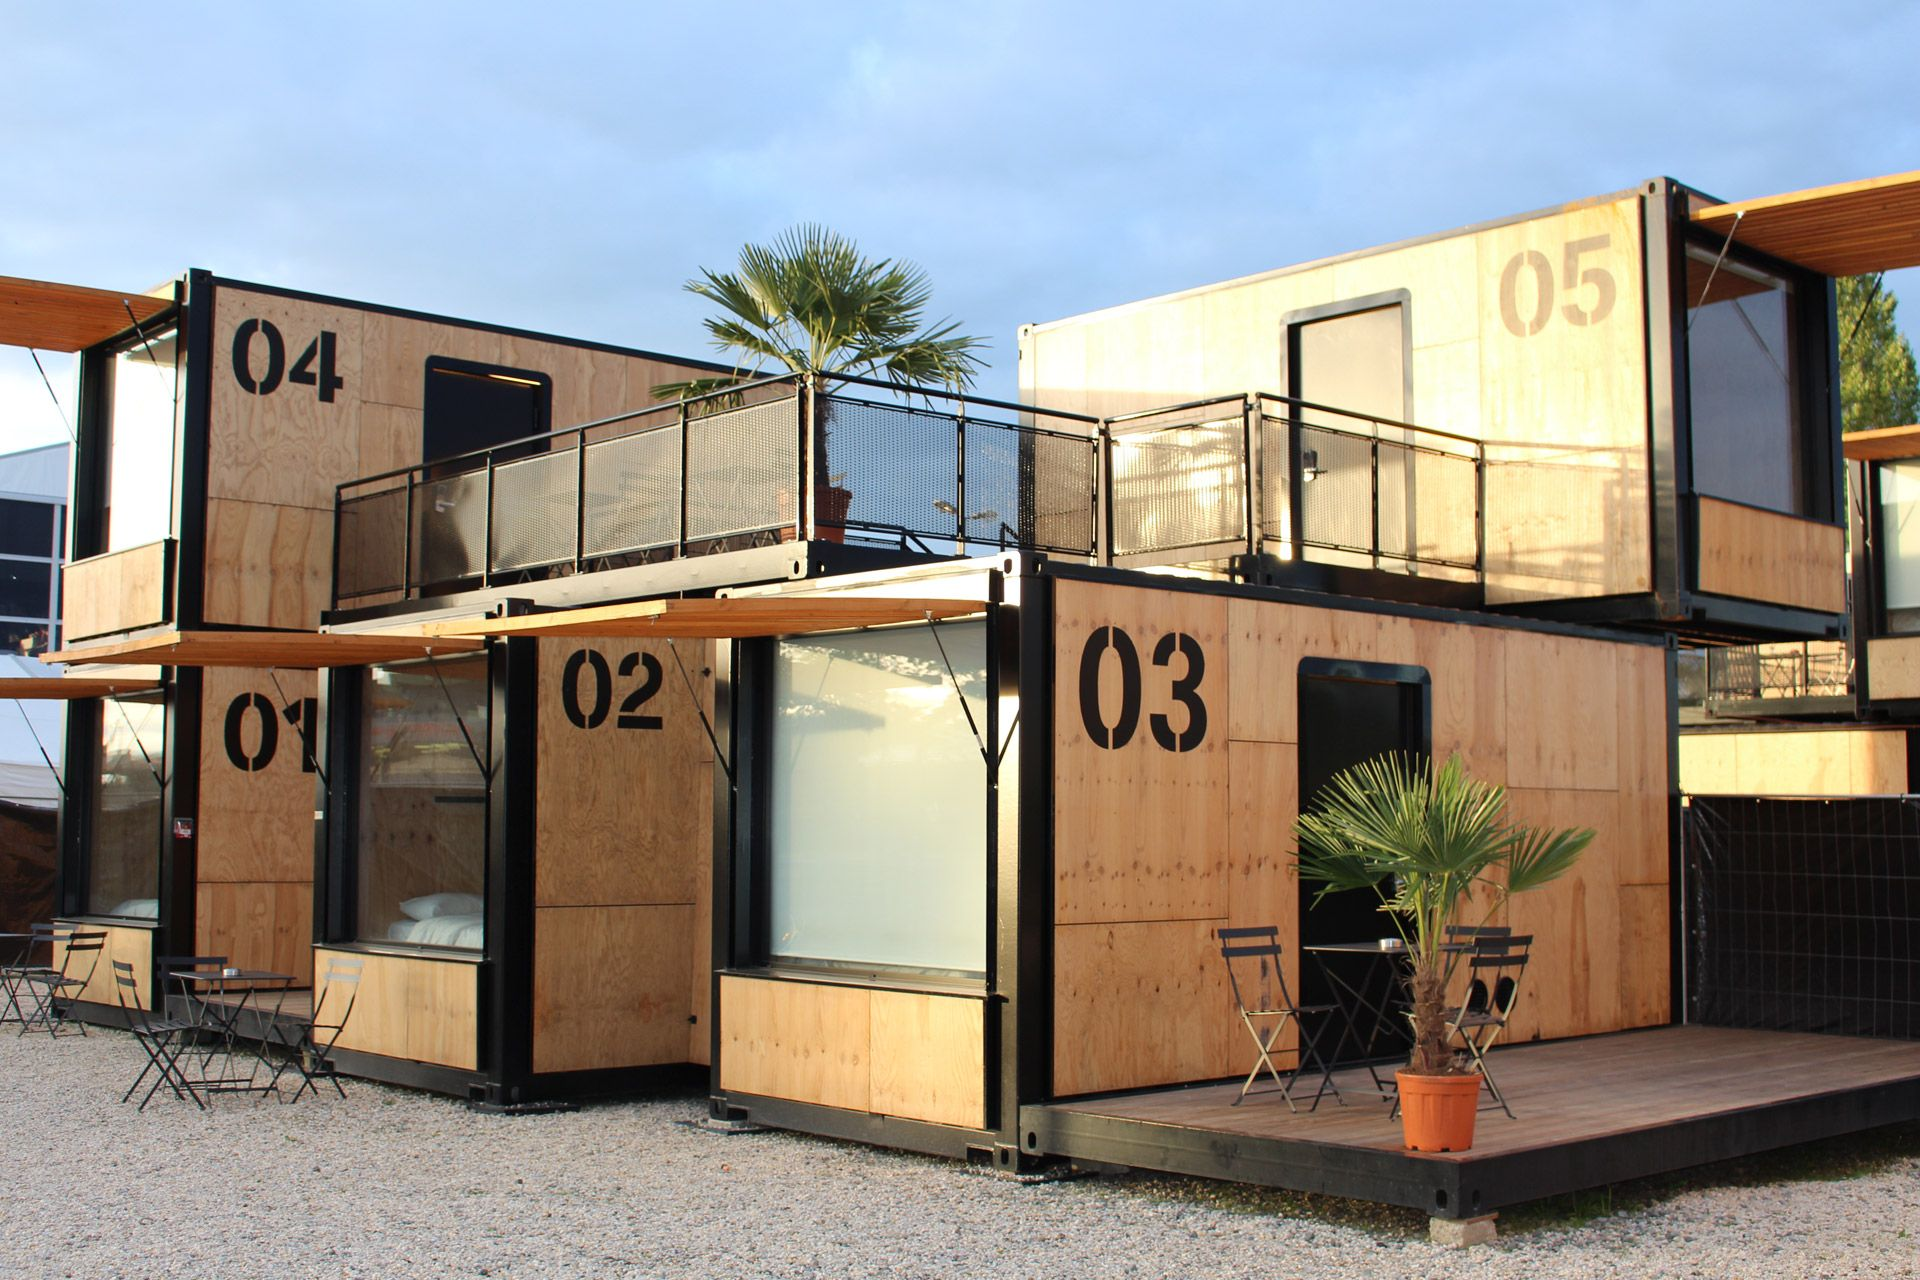 планируемого сносу гостиница из контейнеров фото и проекты задумывались когда-либо том